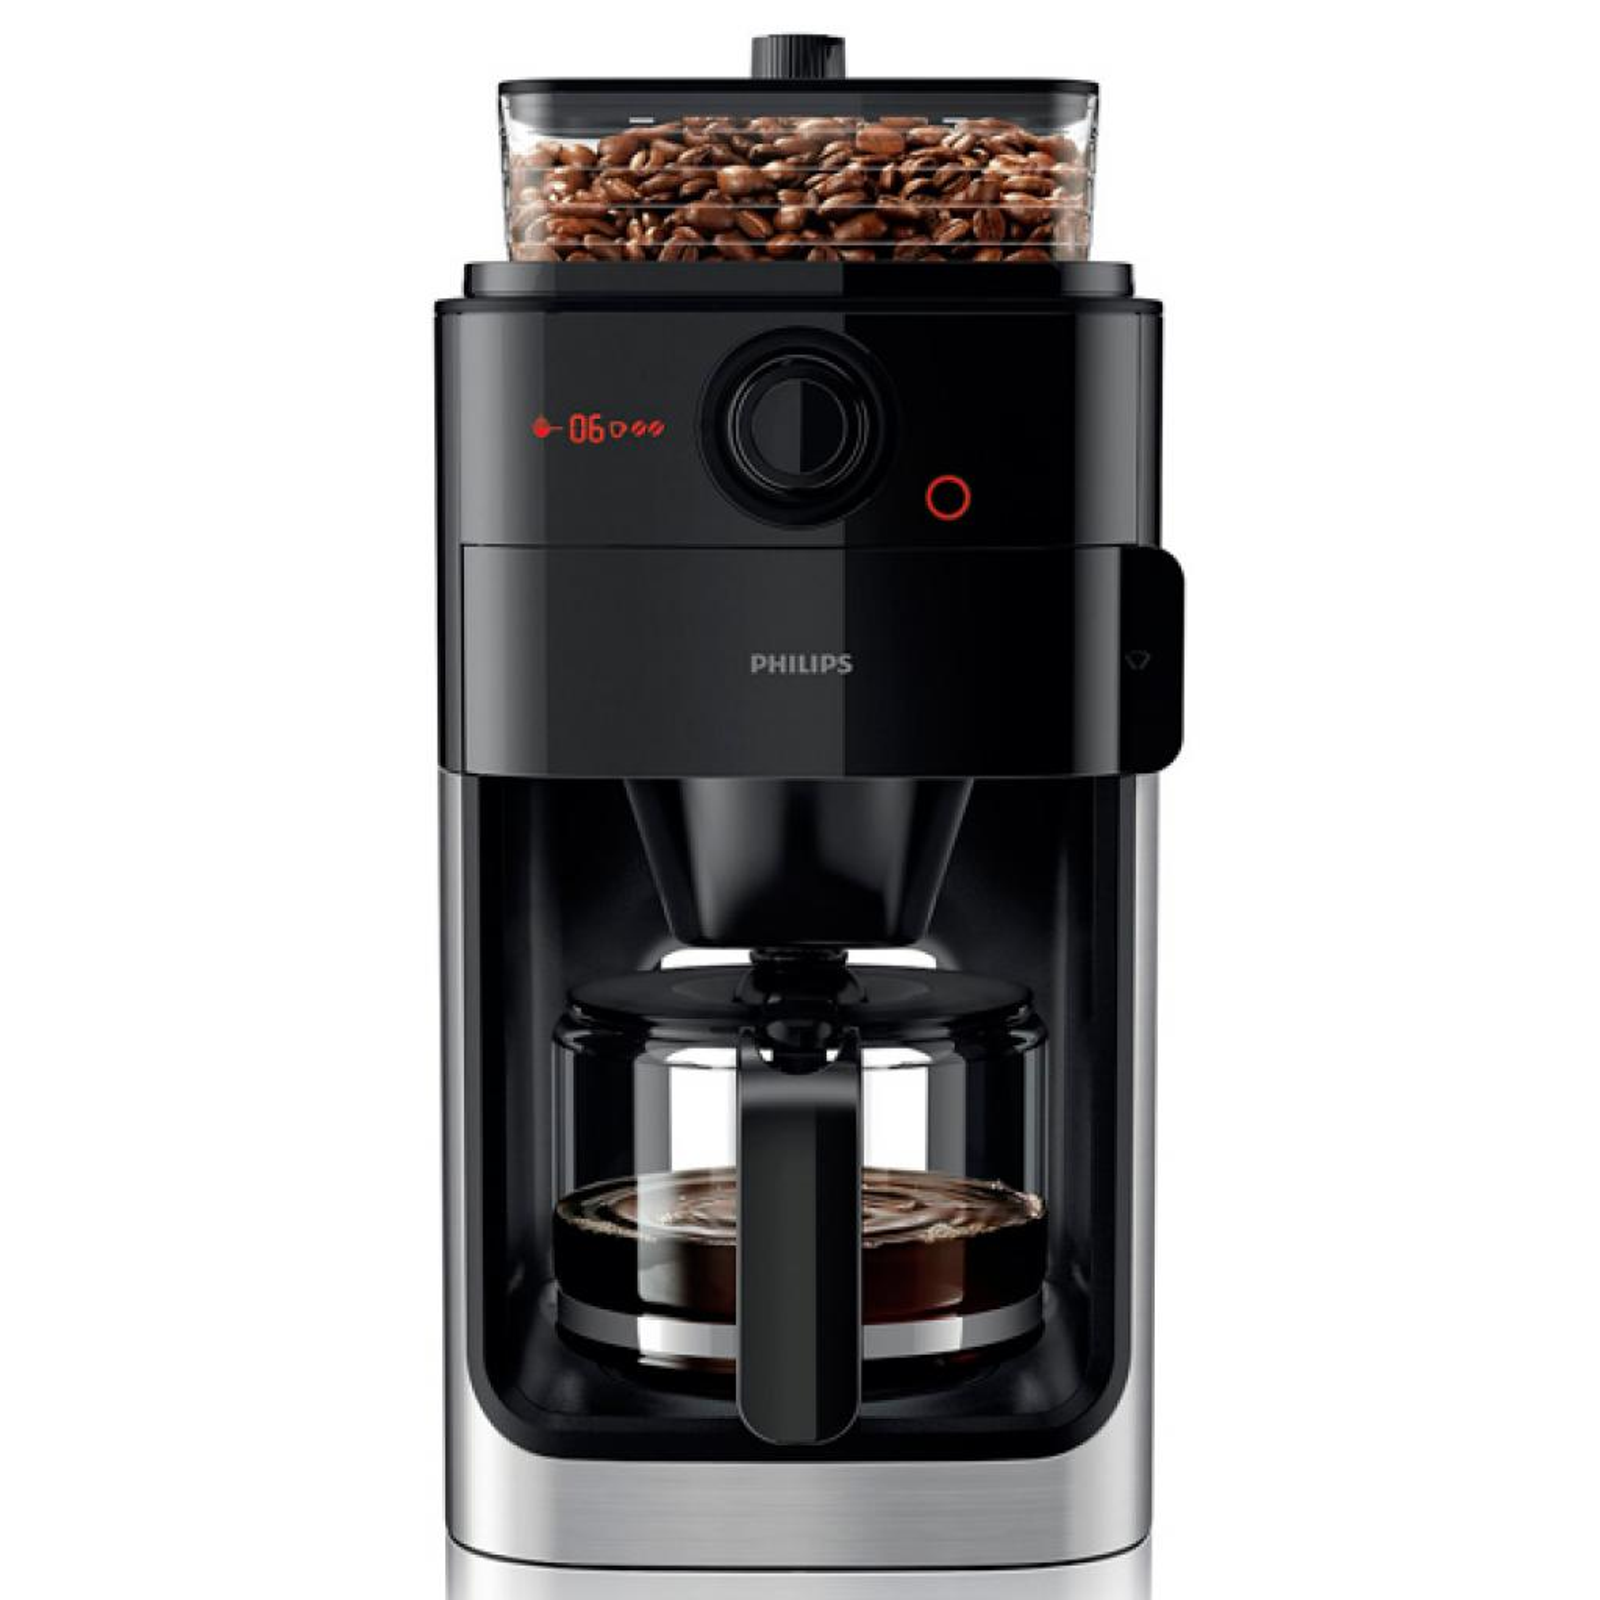 Кофеварка PHILIPS HD7761/00 изображение 2